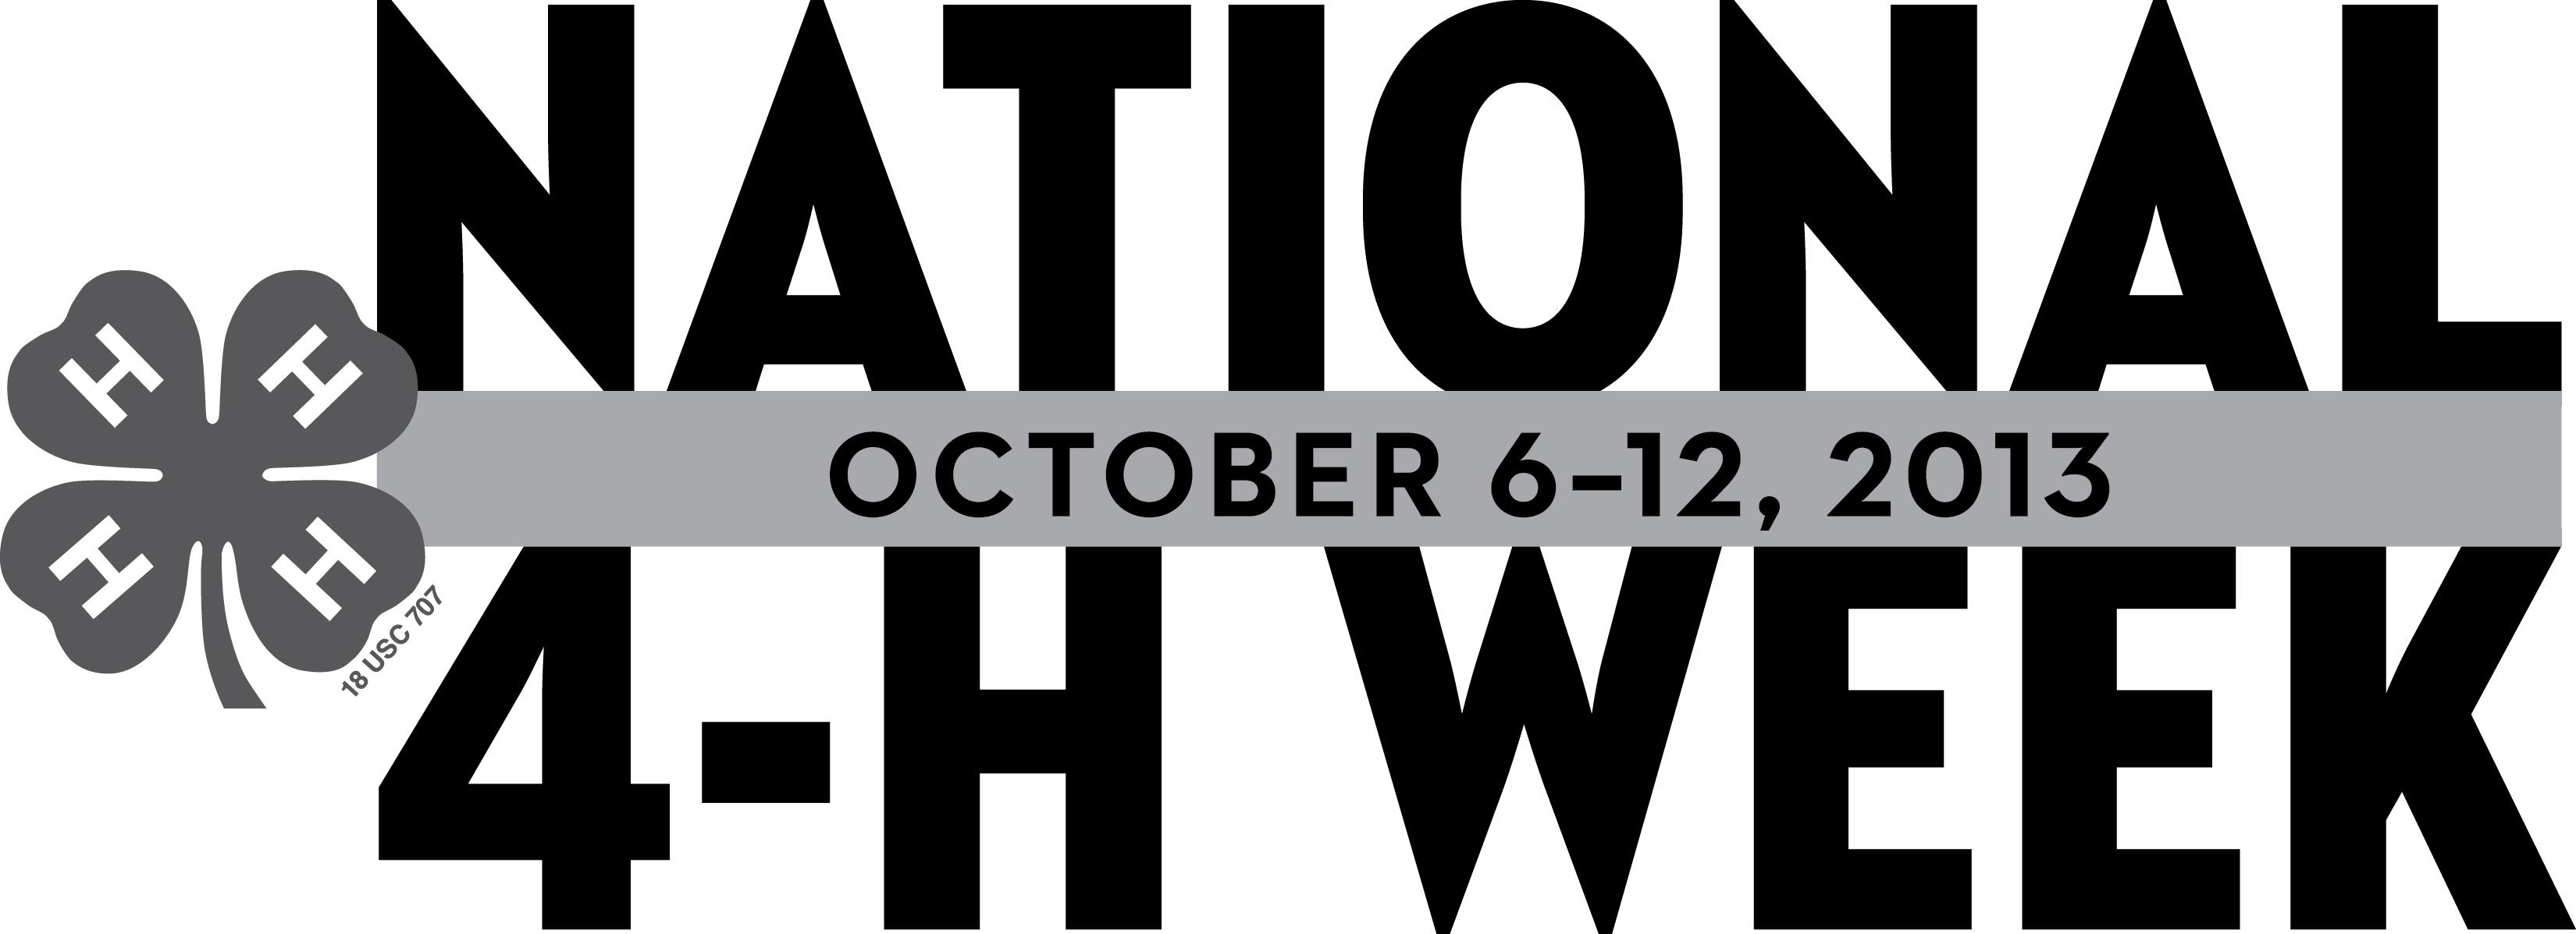 4-H Week 2013 B&W